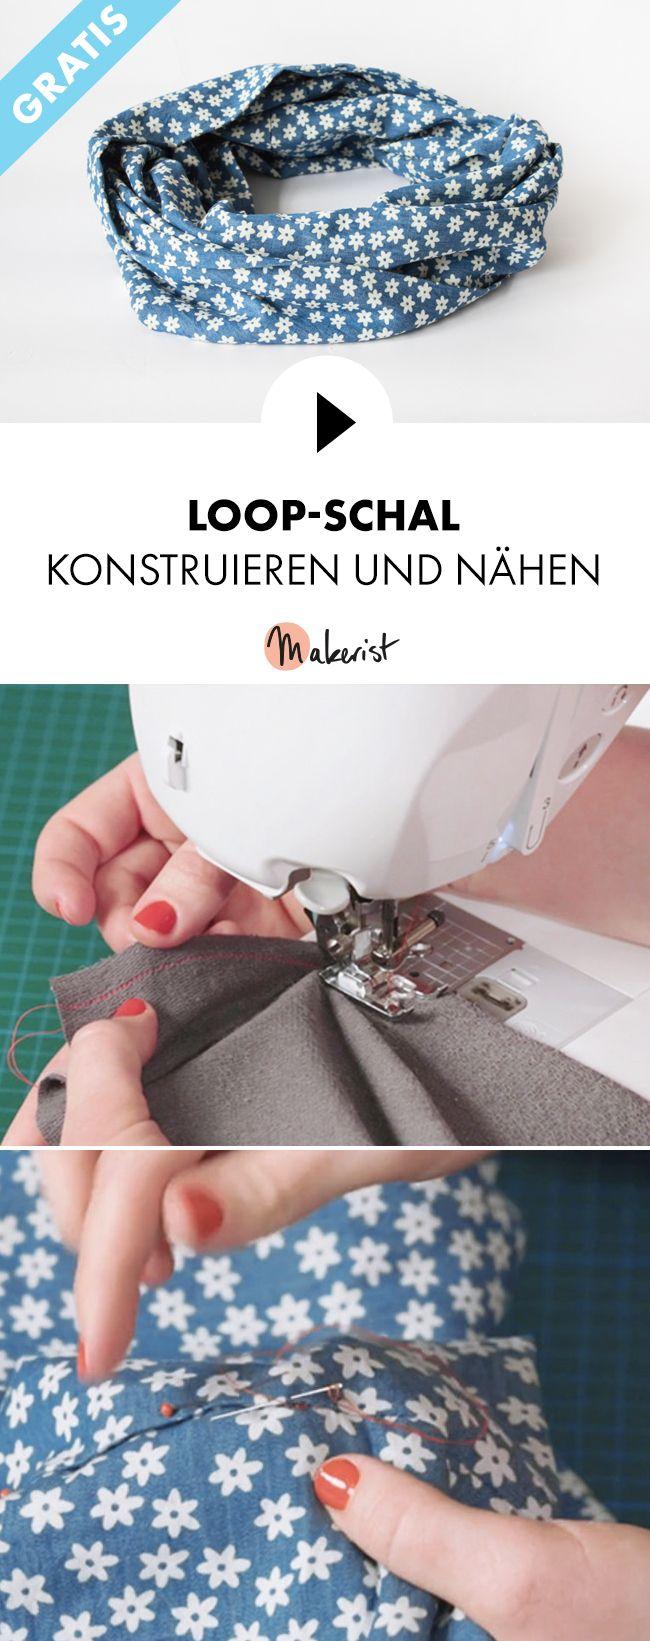 Gratis Video-Kurs: Loop-Schal selber nähen lernen - Schritt für Schritt erklärt im Video-Kurs via Makerist.de